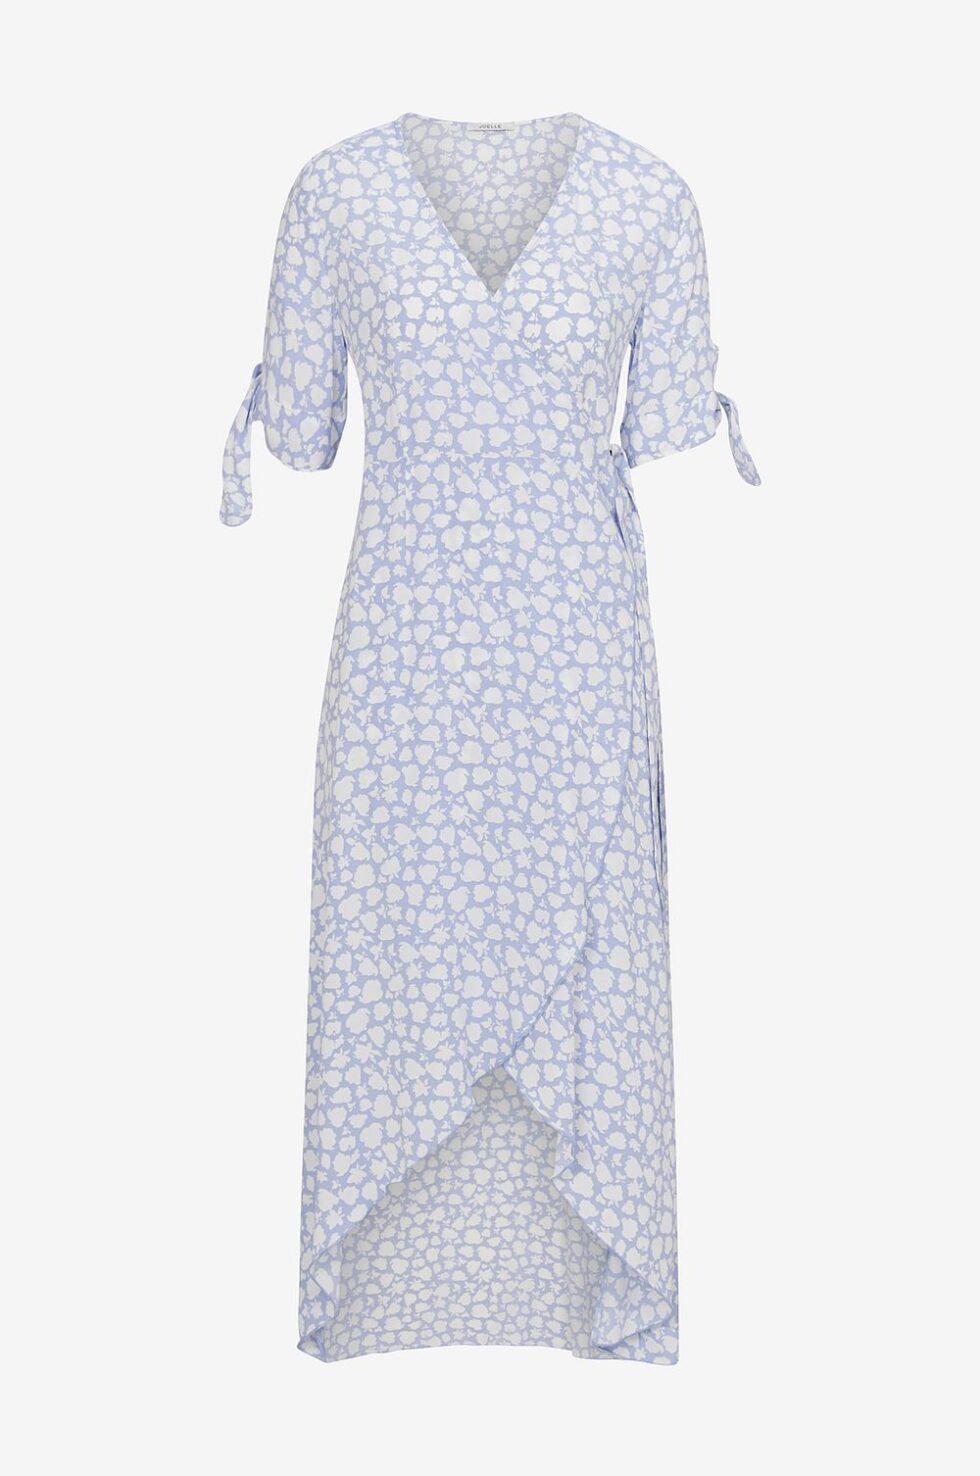 66b0304e8243 14 somriga klänningar du kan börja bära direkt | Femina